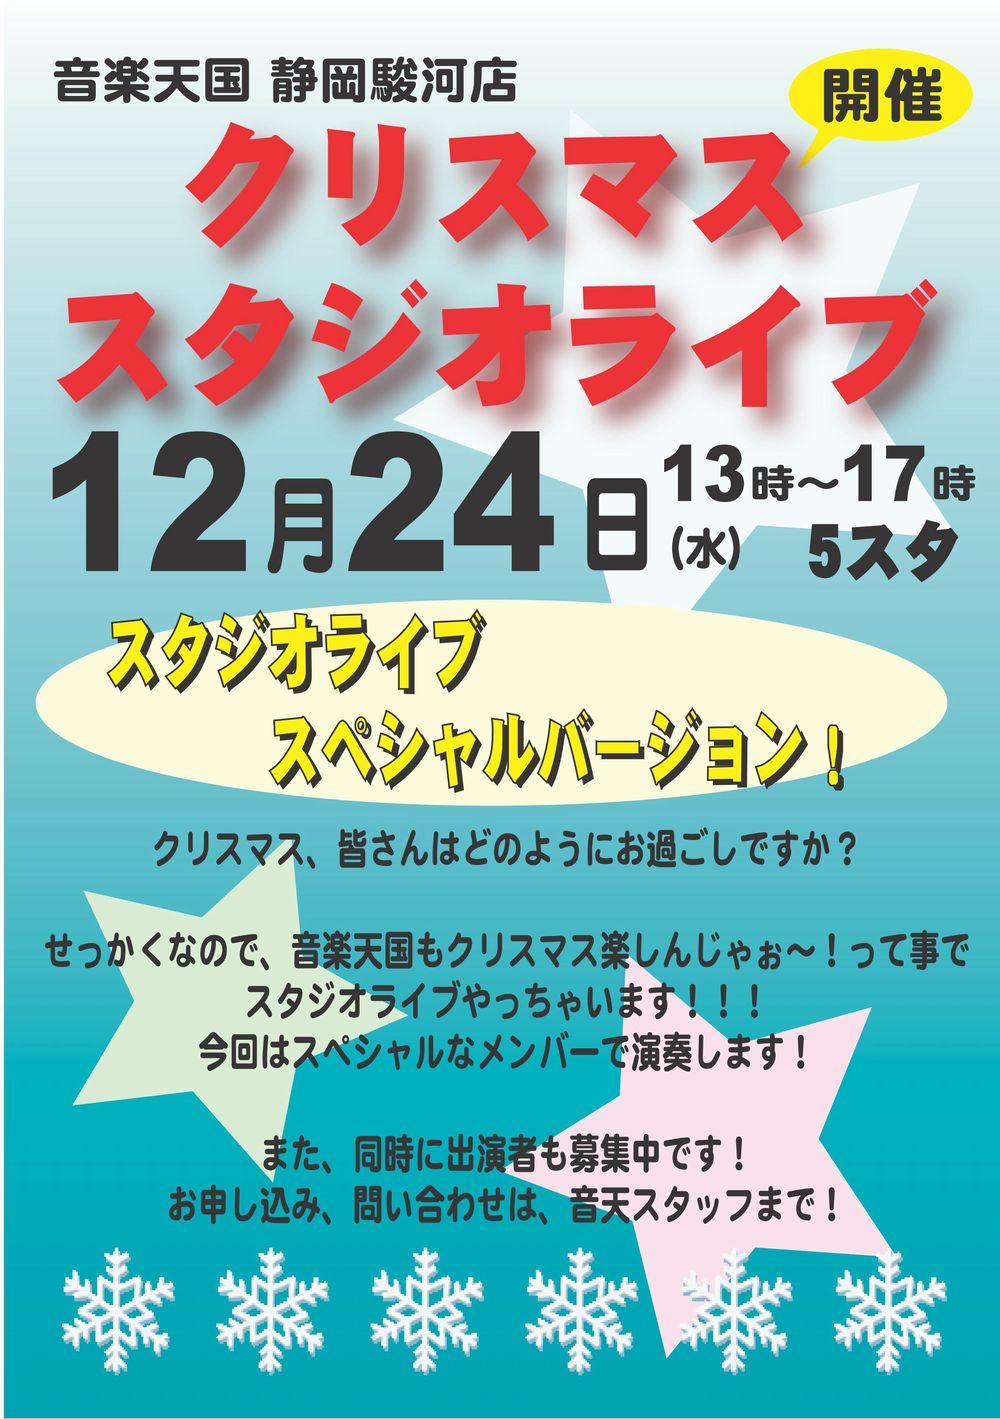 【スタジオライブ・スペシャルバージョン】音楽天国・静岡駿河店12月24日(水)開催!